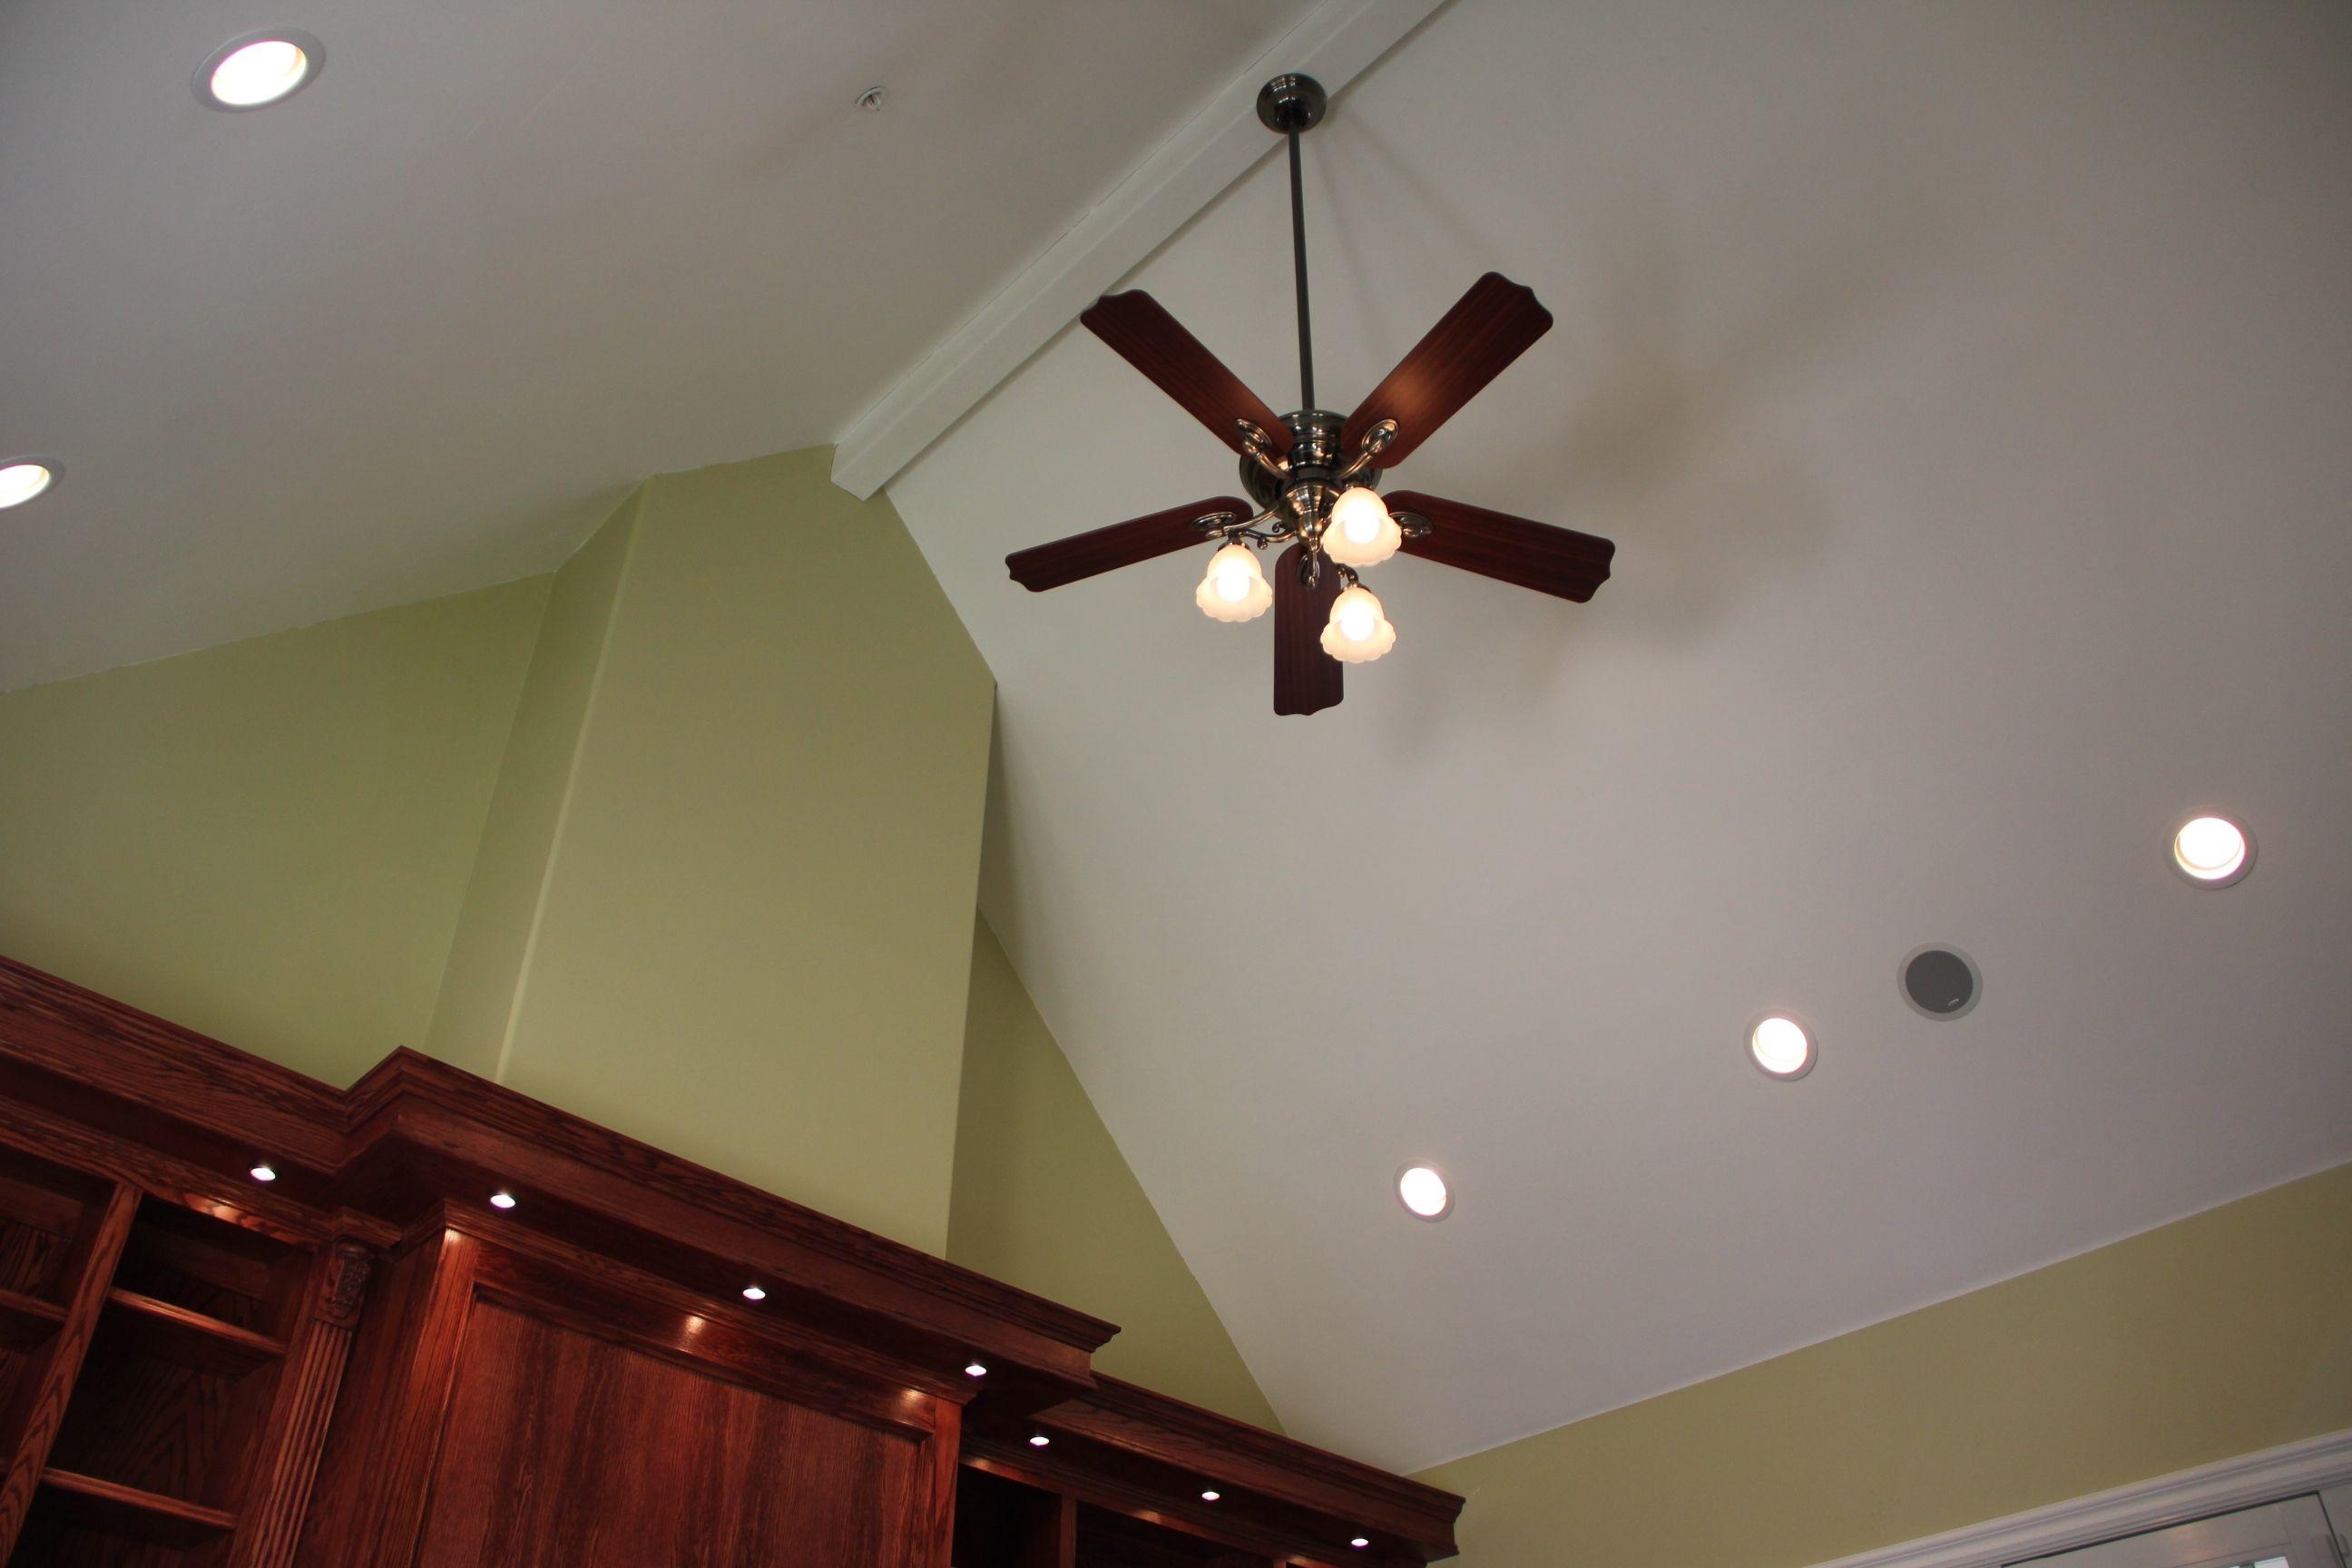 Ceiling Fan Bracket For Vaulted Ceiling Ceiling Fan Ceiling Fan